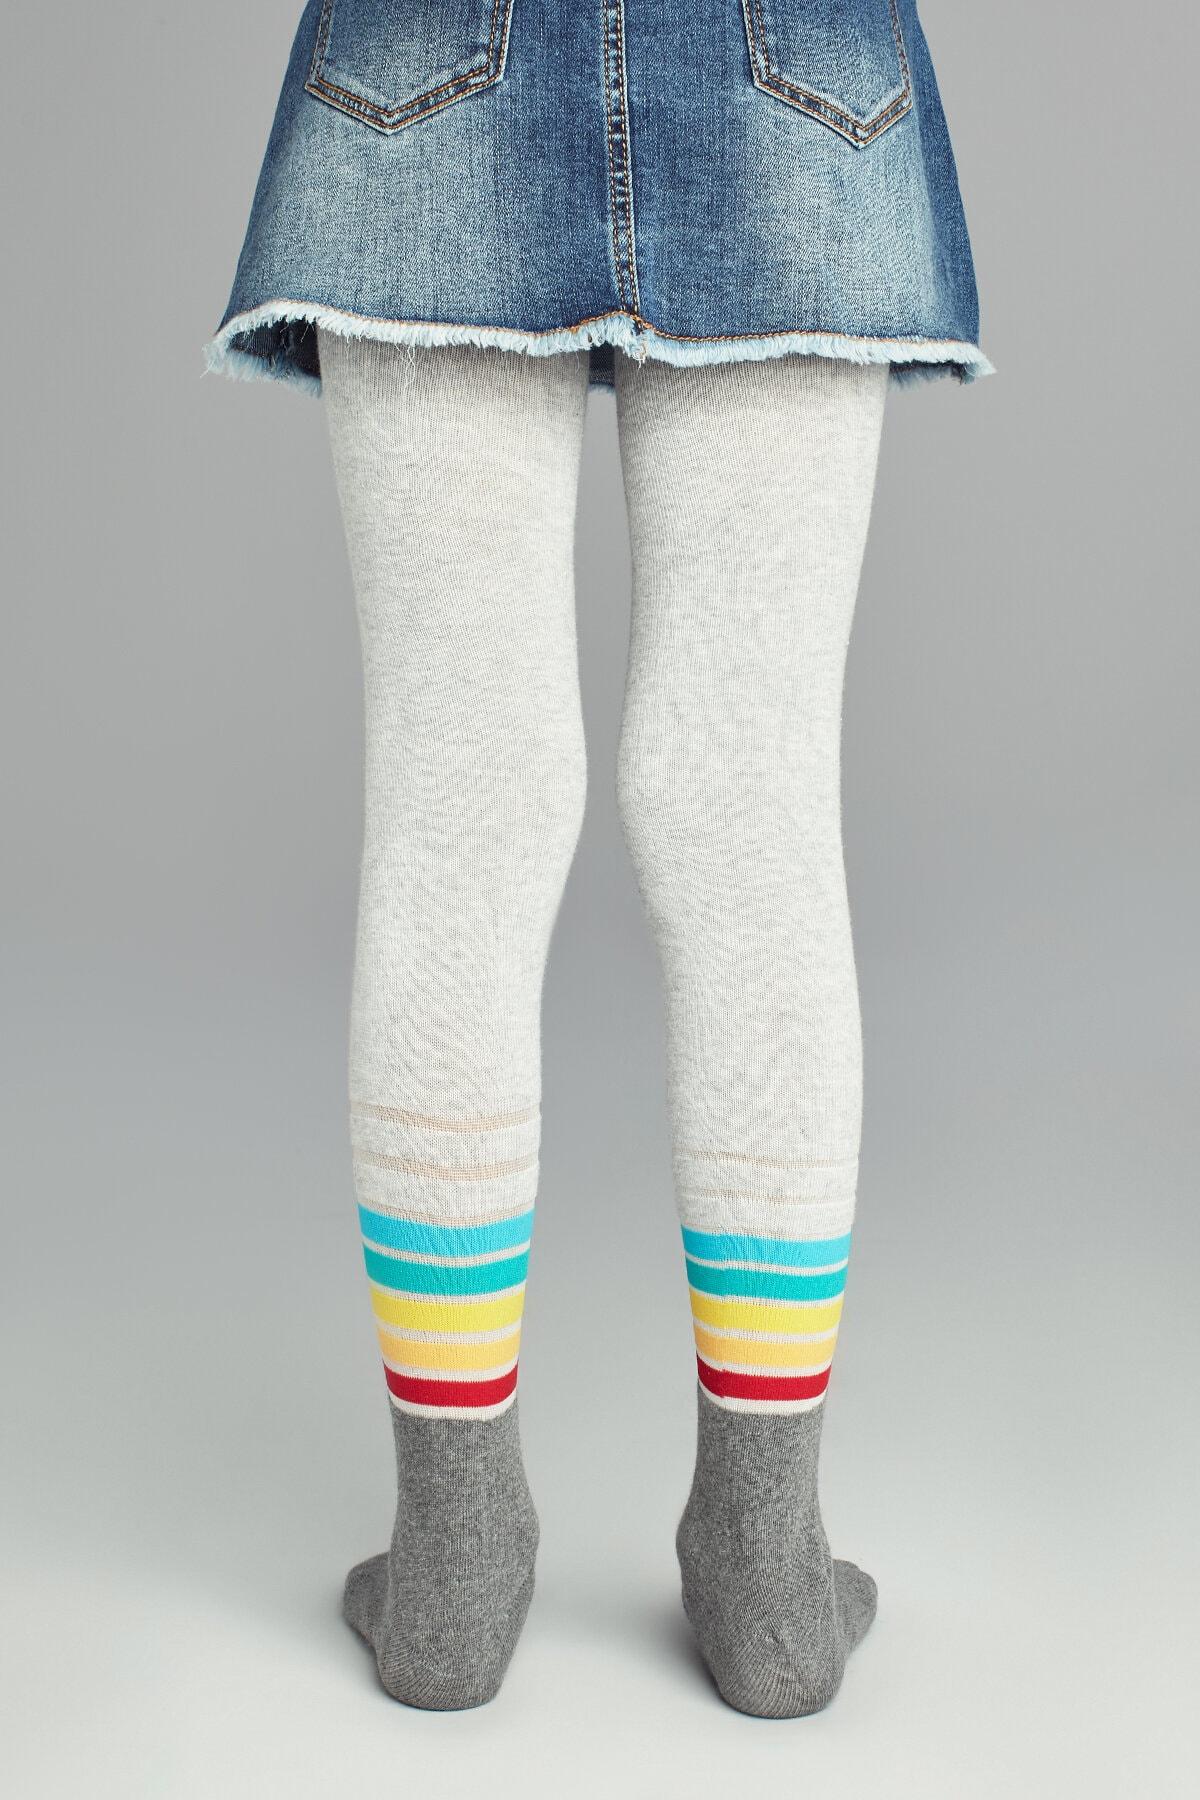 Penti Kız Çocuk Kül Melanj Pretty Stripemuch Külotlu Çorap 2